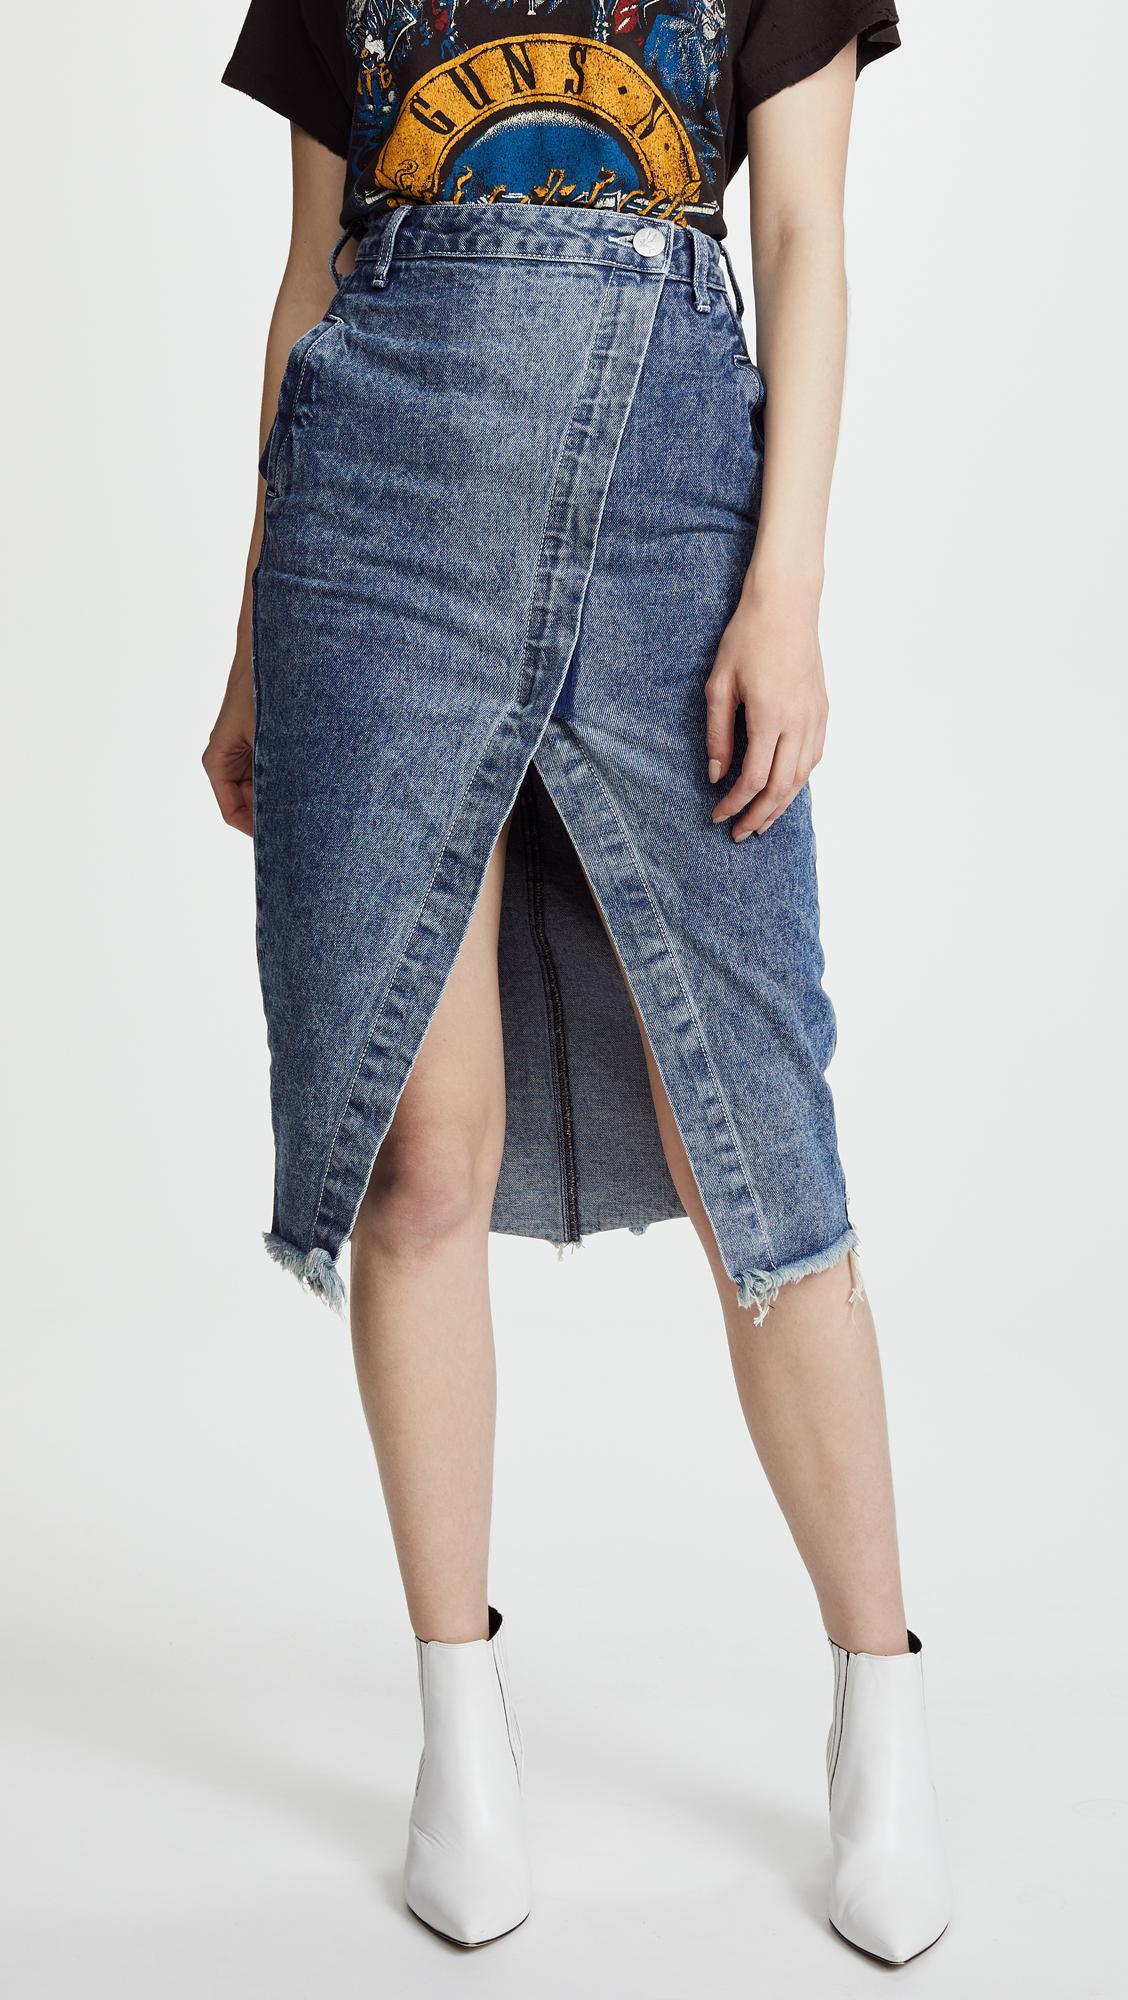 9a3adbbd5e One Teaspoon Blue Society Wrap Denim Skirt in Blue - Lyst